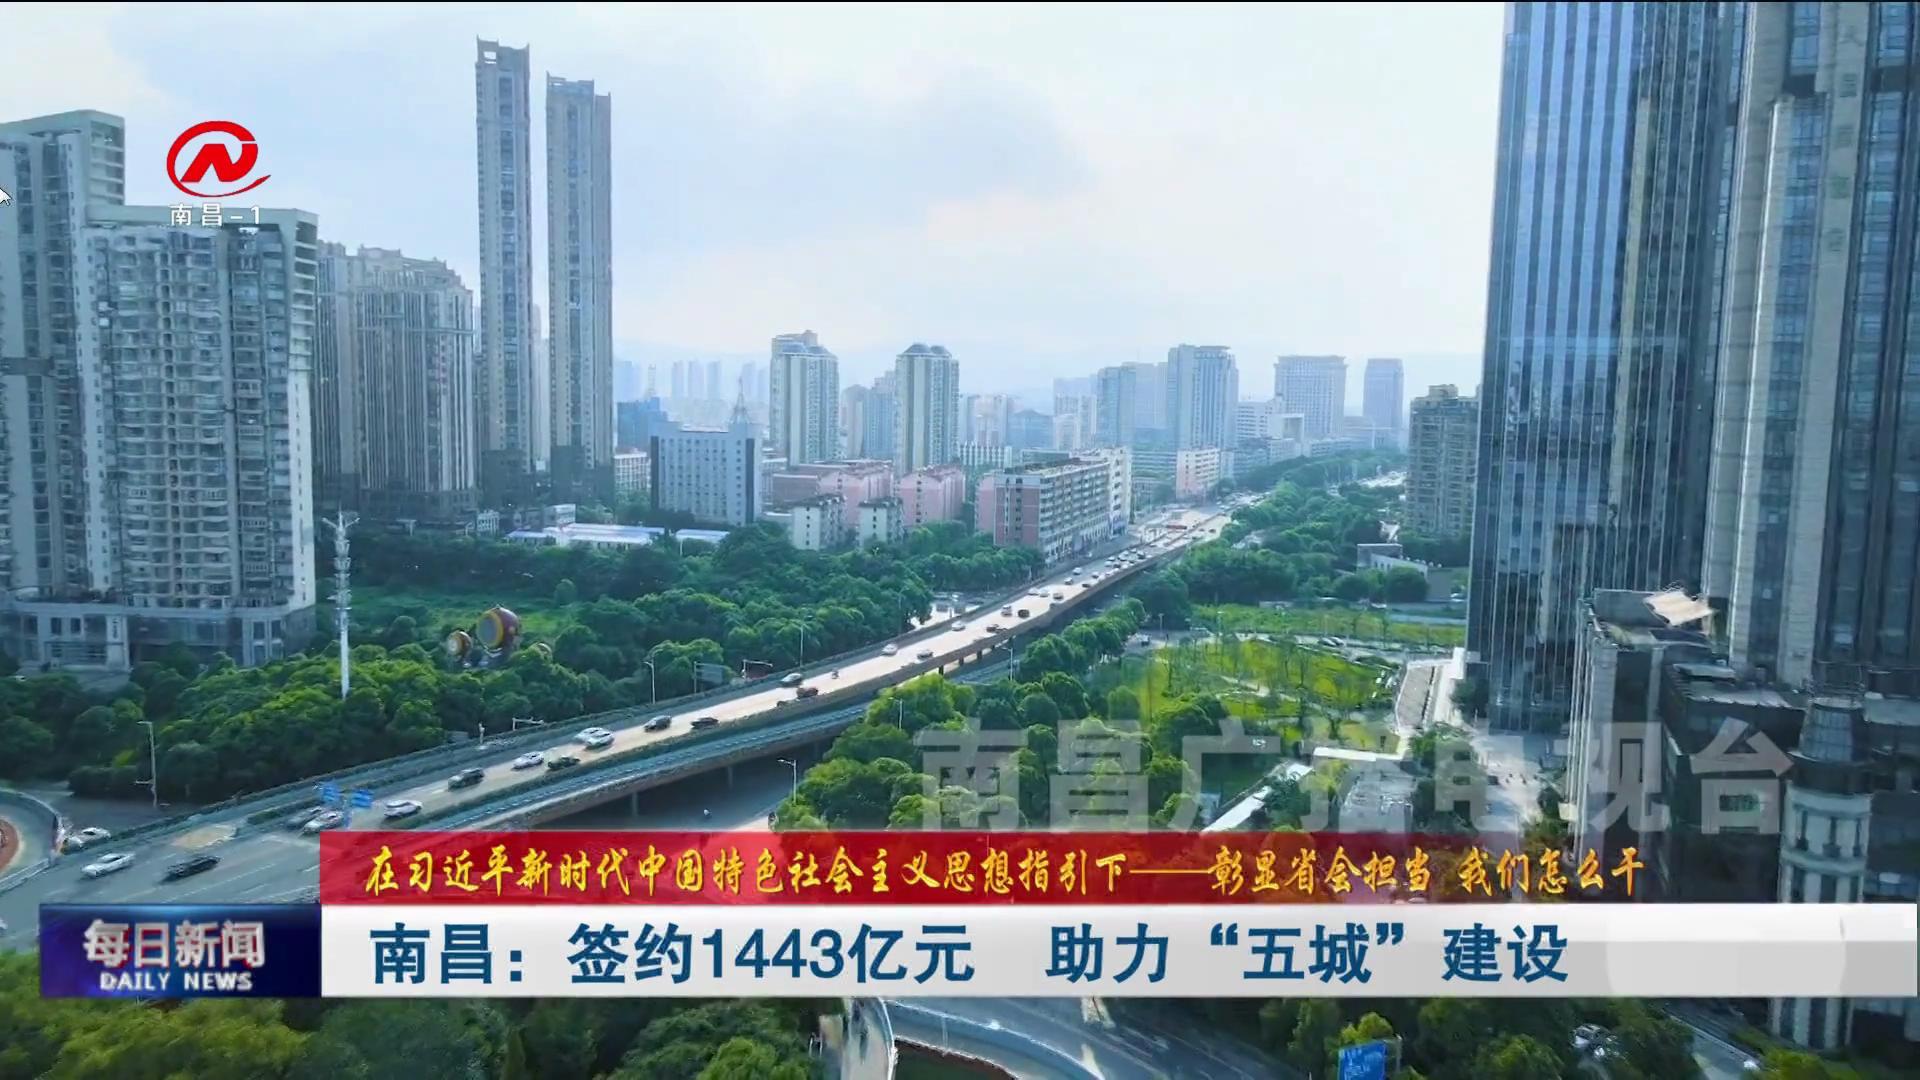 """南昌:簽約1443億元  助力""""五城""""建設"""